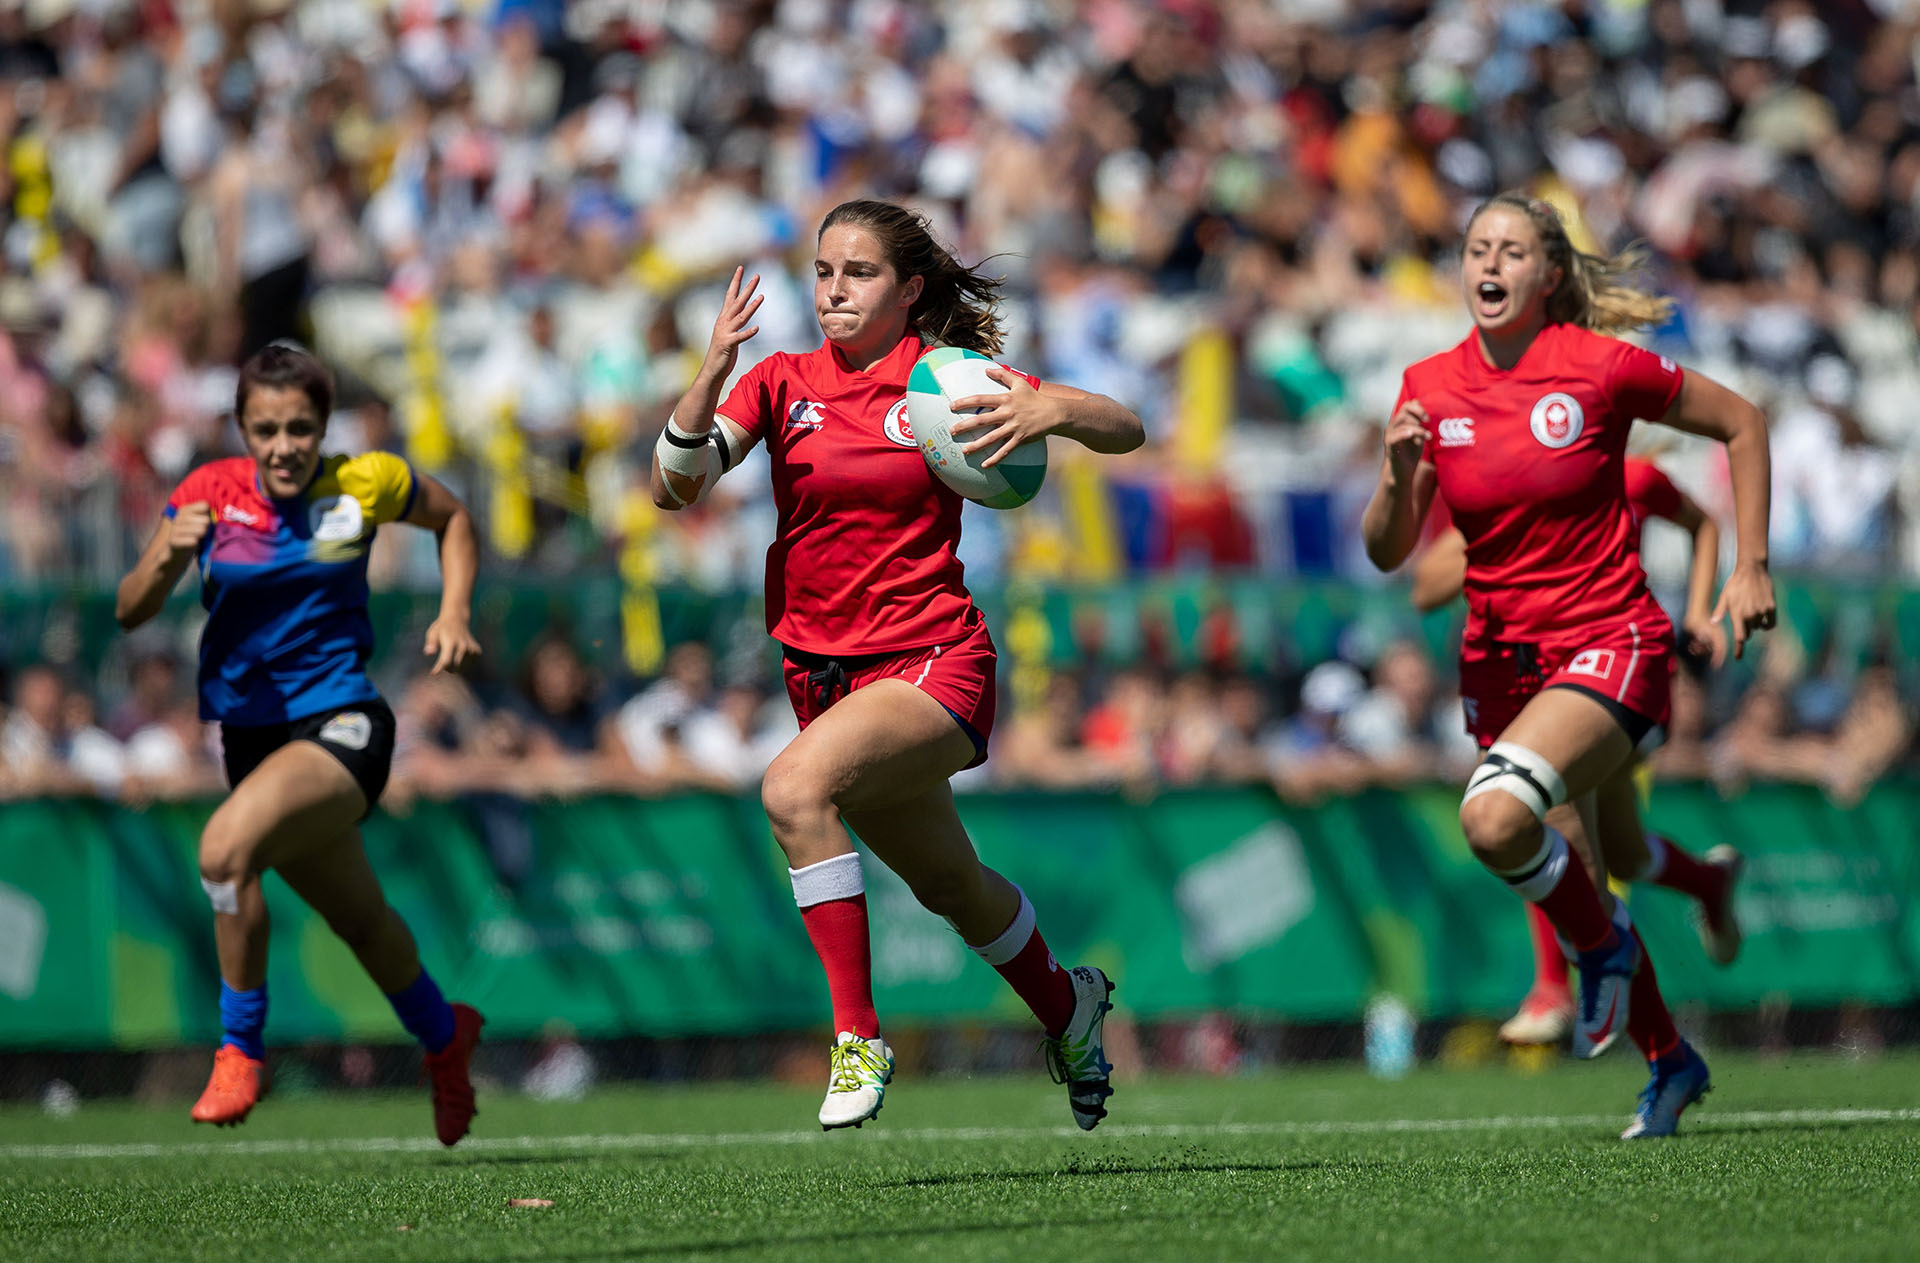 Taylor Black, de Canadá, corre con la pelota mientras la secunda su compañera Delaney Aikensdurante el partido por la medalla de Bronce del Rugby Seven de Mujeres disputado en el Club AtléticoSan Isidro de Buenos Aires(REUTERS)